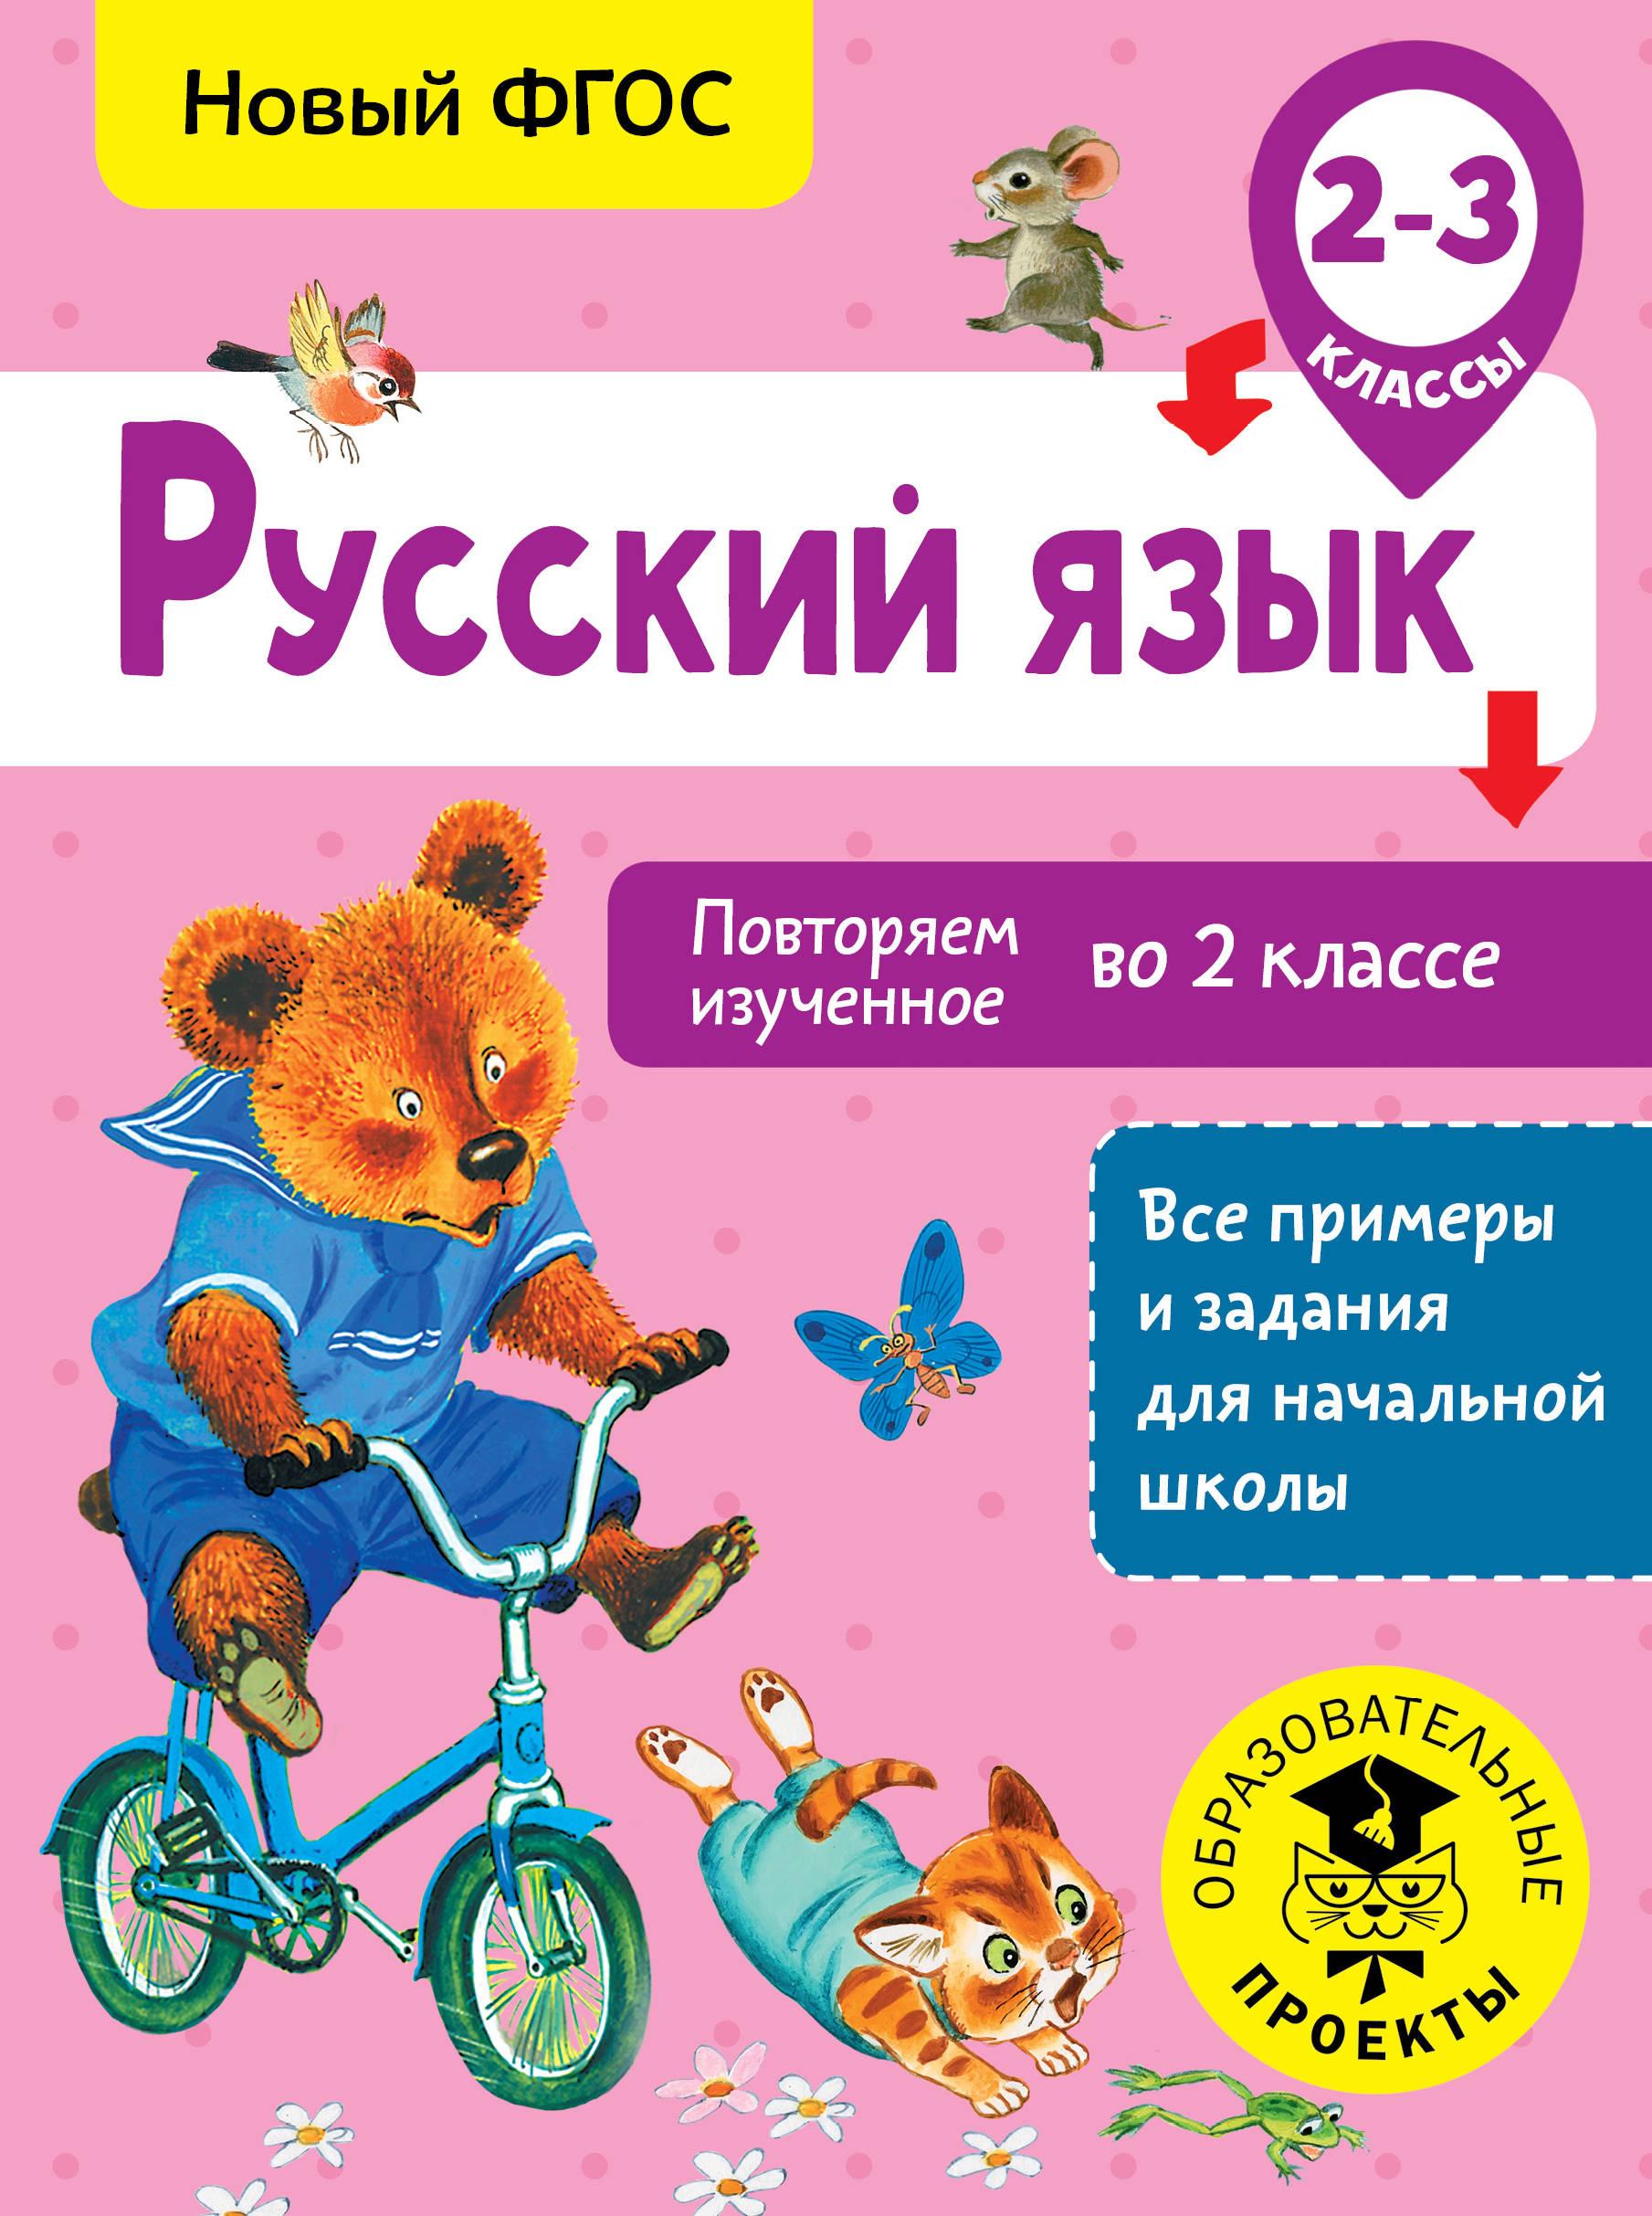 Калинина О.Б. / Русский язык. Повторяем изученное во 2 классе. 2-3 класс